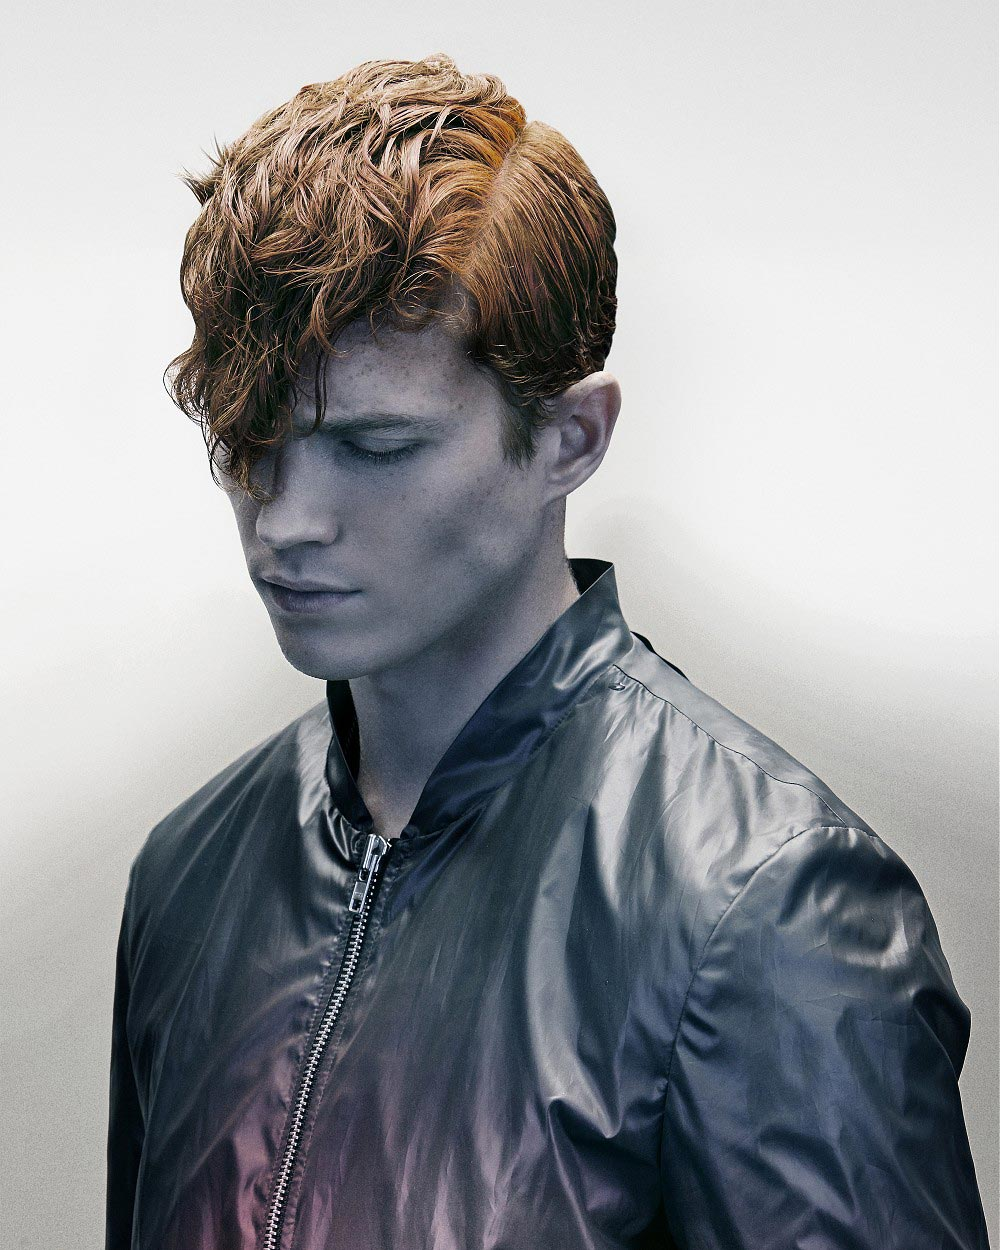 Medzi mužmi sú 4% ryšavých. Ak medzi nich patríte, skúste experimentovať s vlastnou prirodzene ryšavou farbou tým, že vlasom pridáte atraktívny strih. Trebárs vo forme dlhej rozvlnenej prednej partie vlasov.